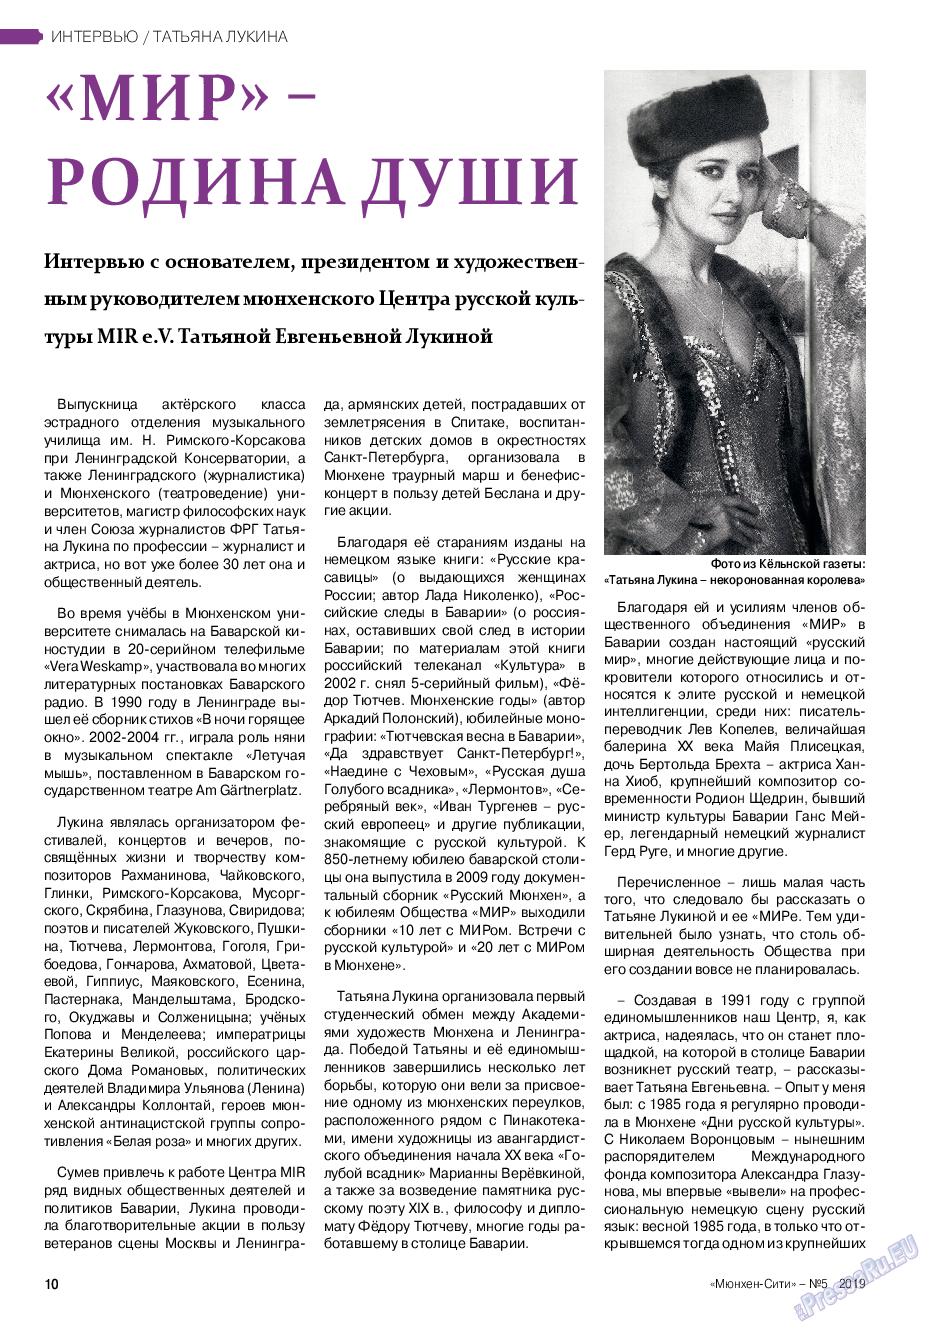 Мюнхен-сити (журнал). 2019 год, номер 93, стр. 10